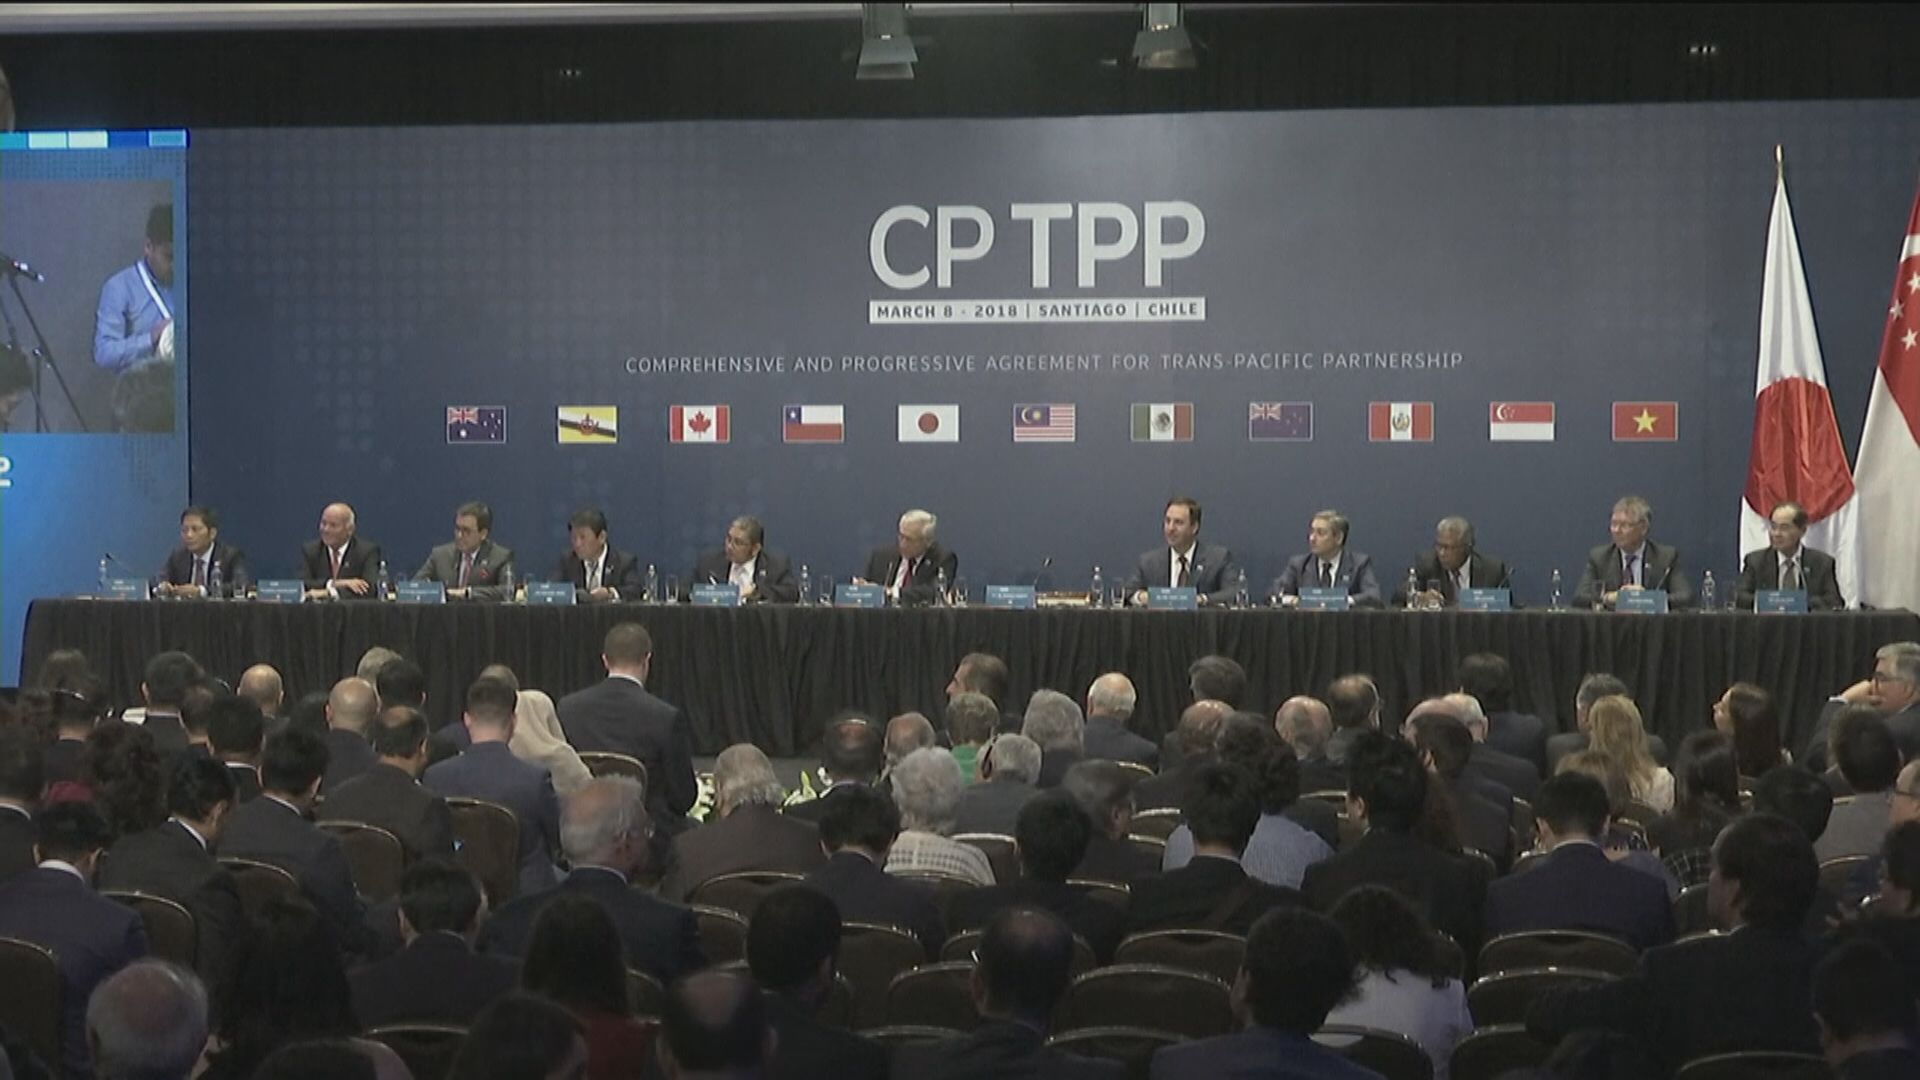 中國正式申請加入CPTPP